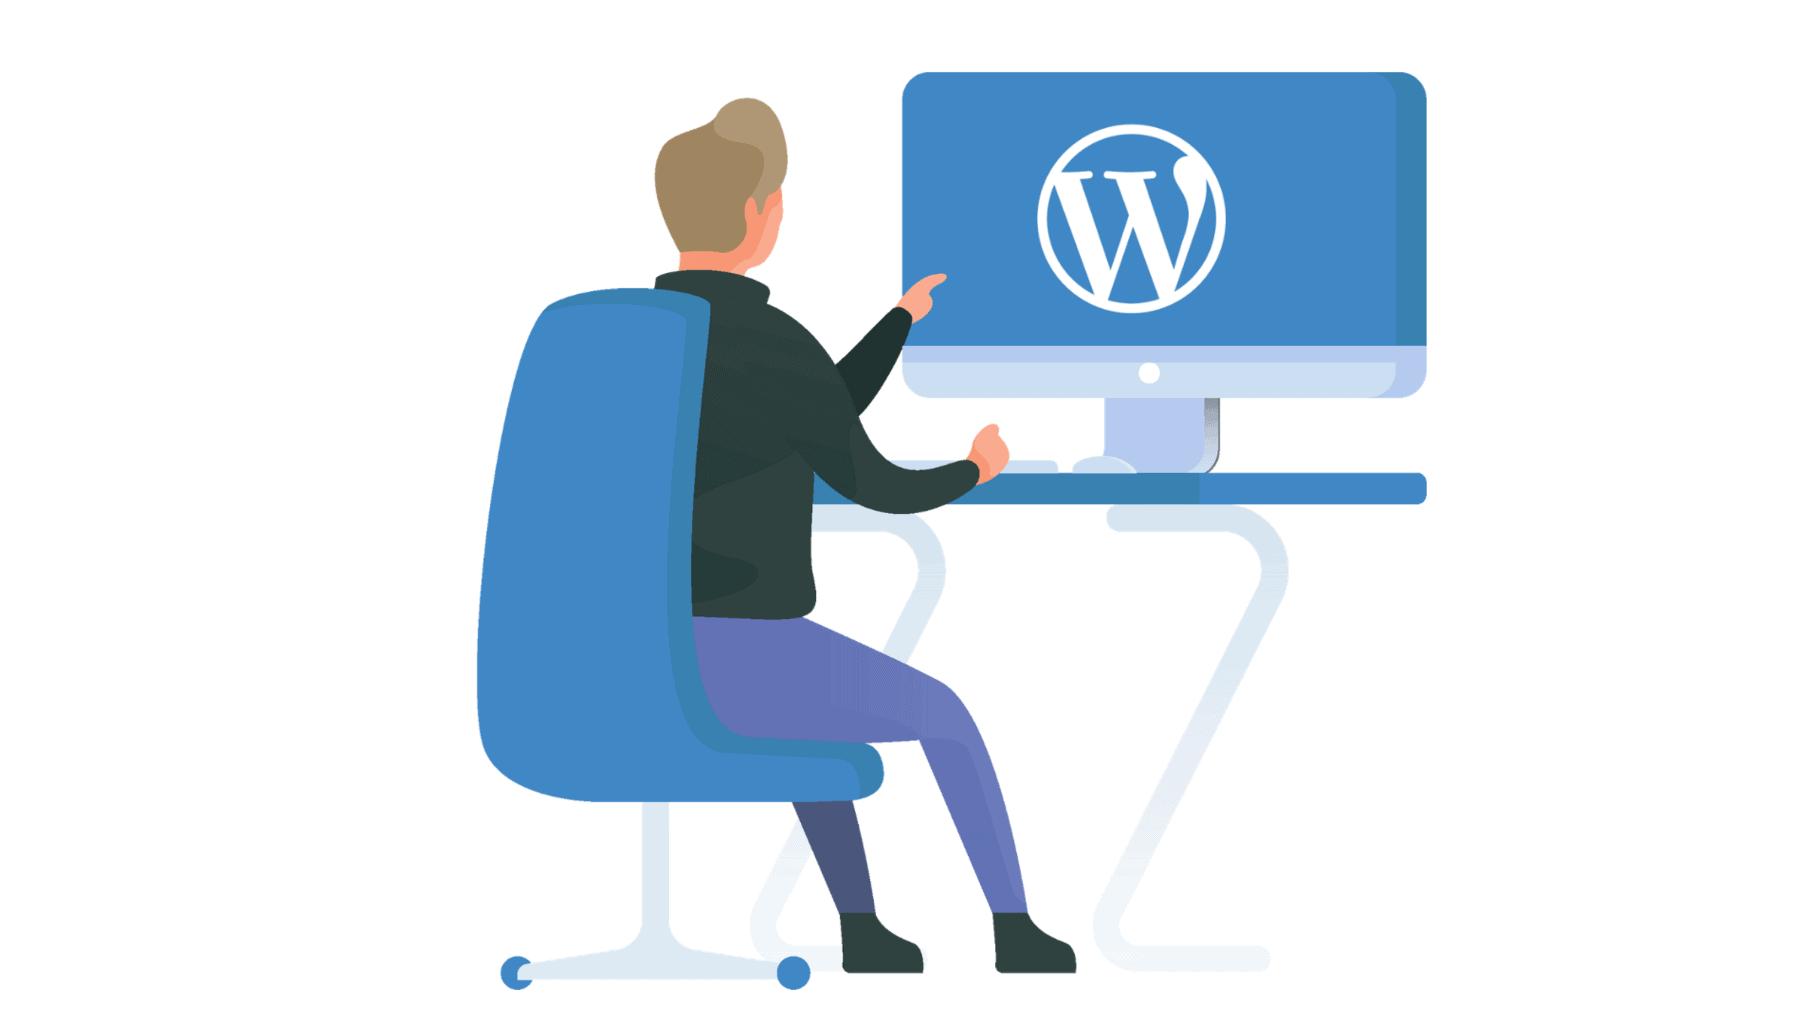 Foro WordPress